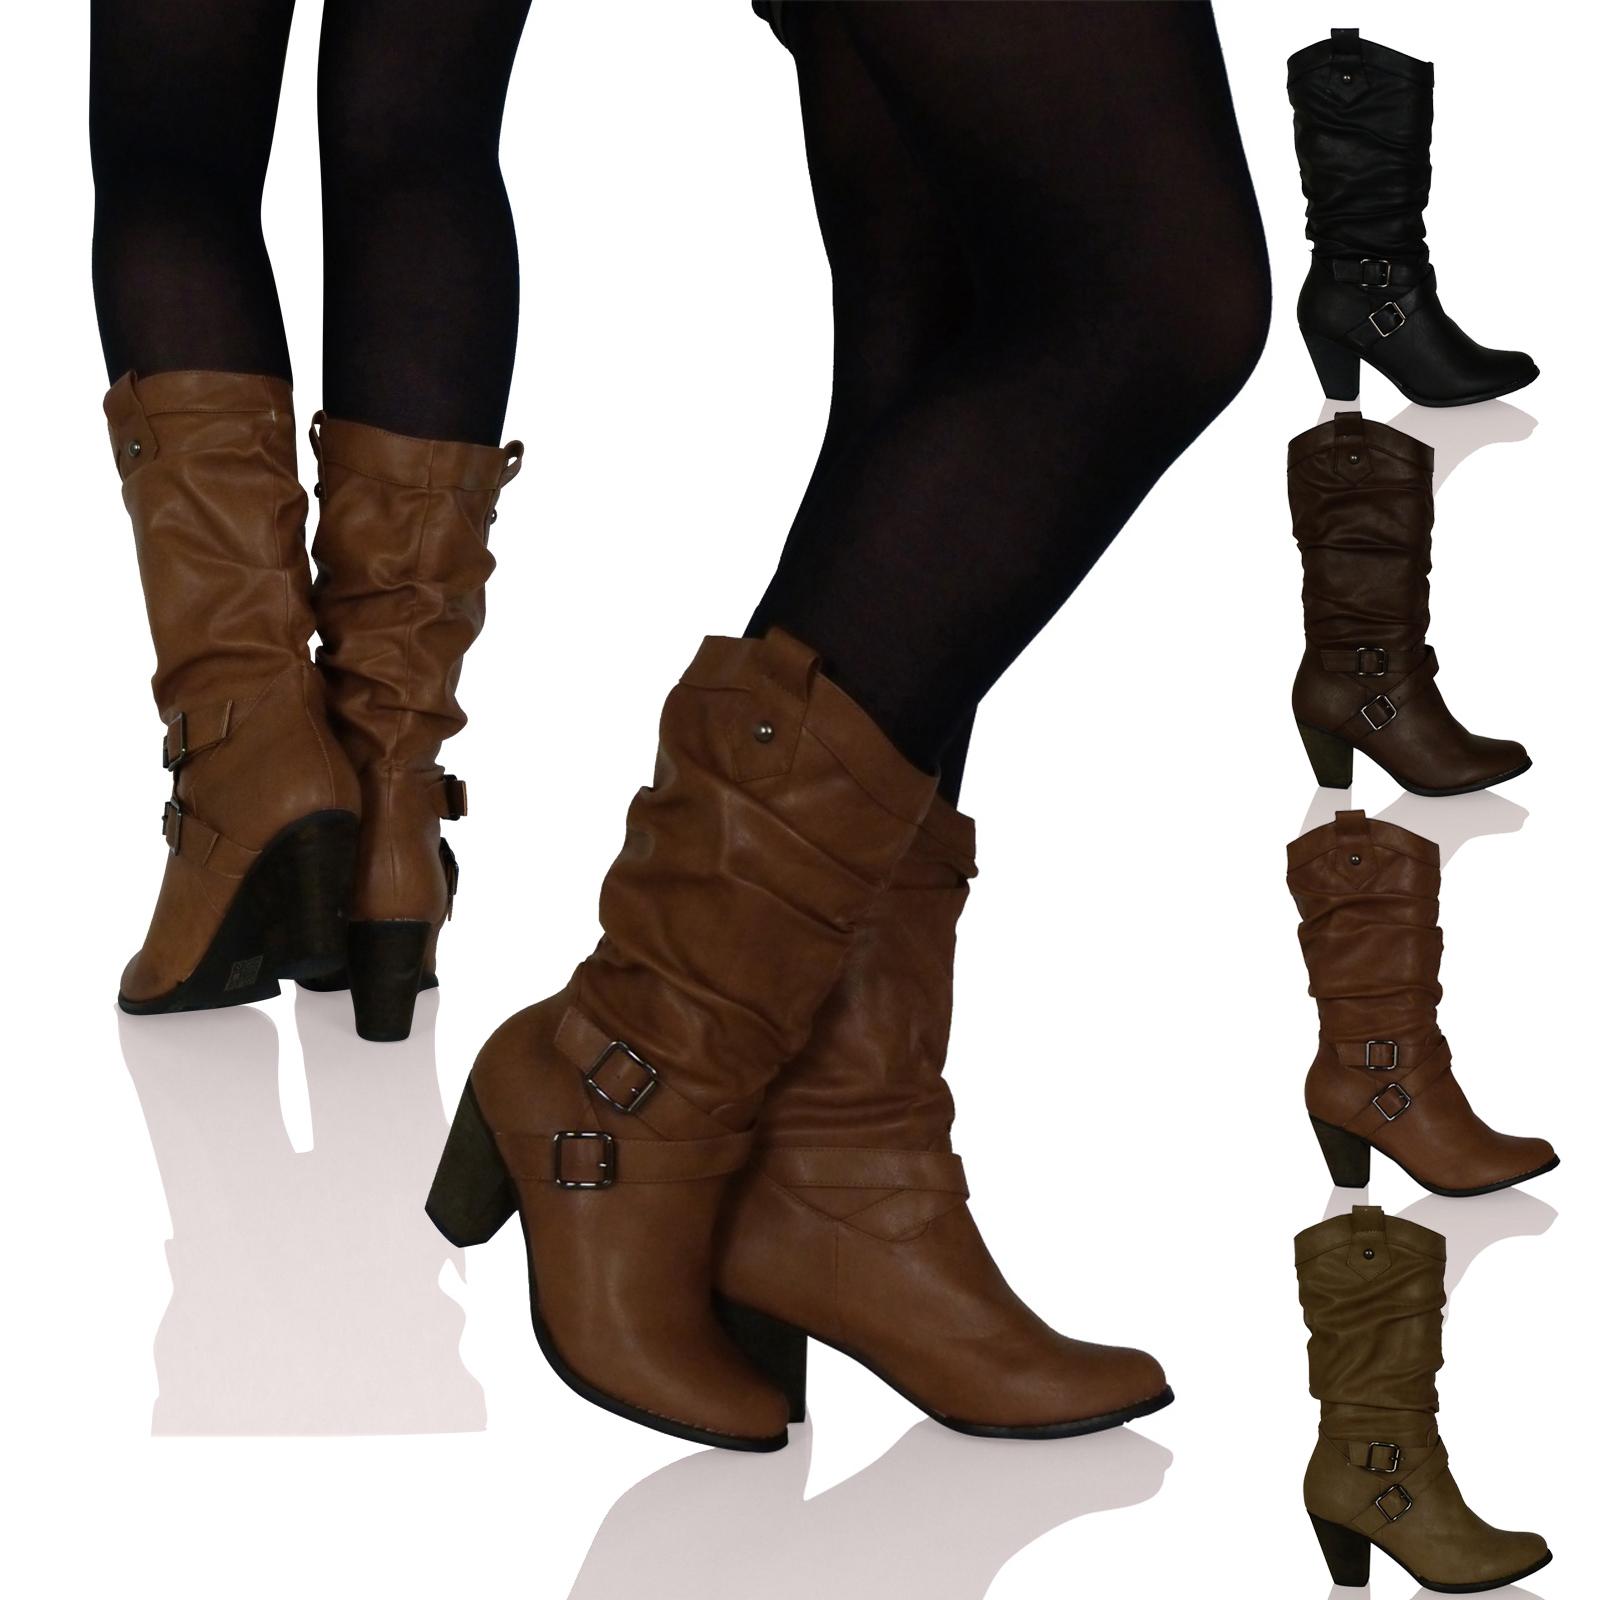 damen stiefel wadenhoch schnalle detail absatz hineinschl pfen boots neu ebay. Black Bedroom Furniture Sets. Home Design Ideas